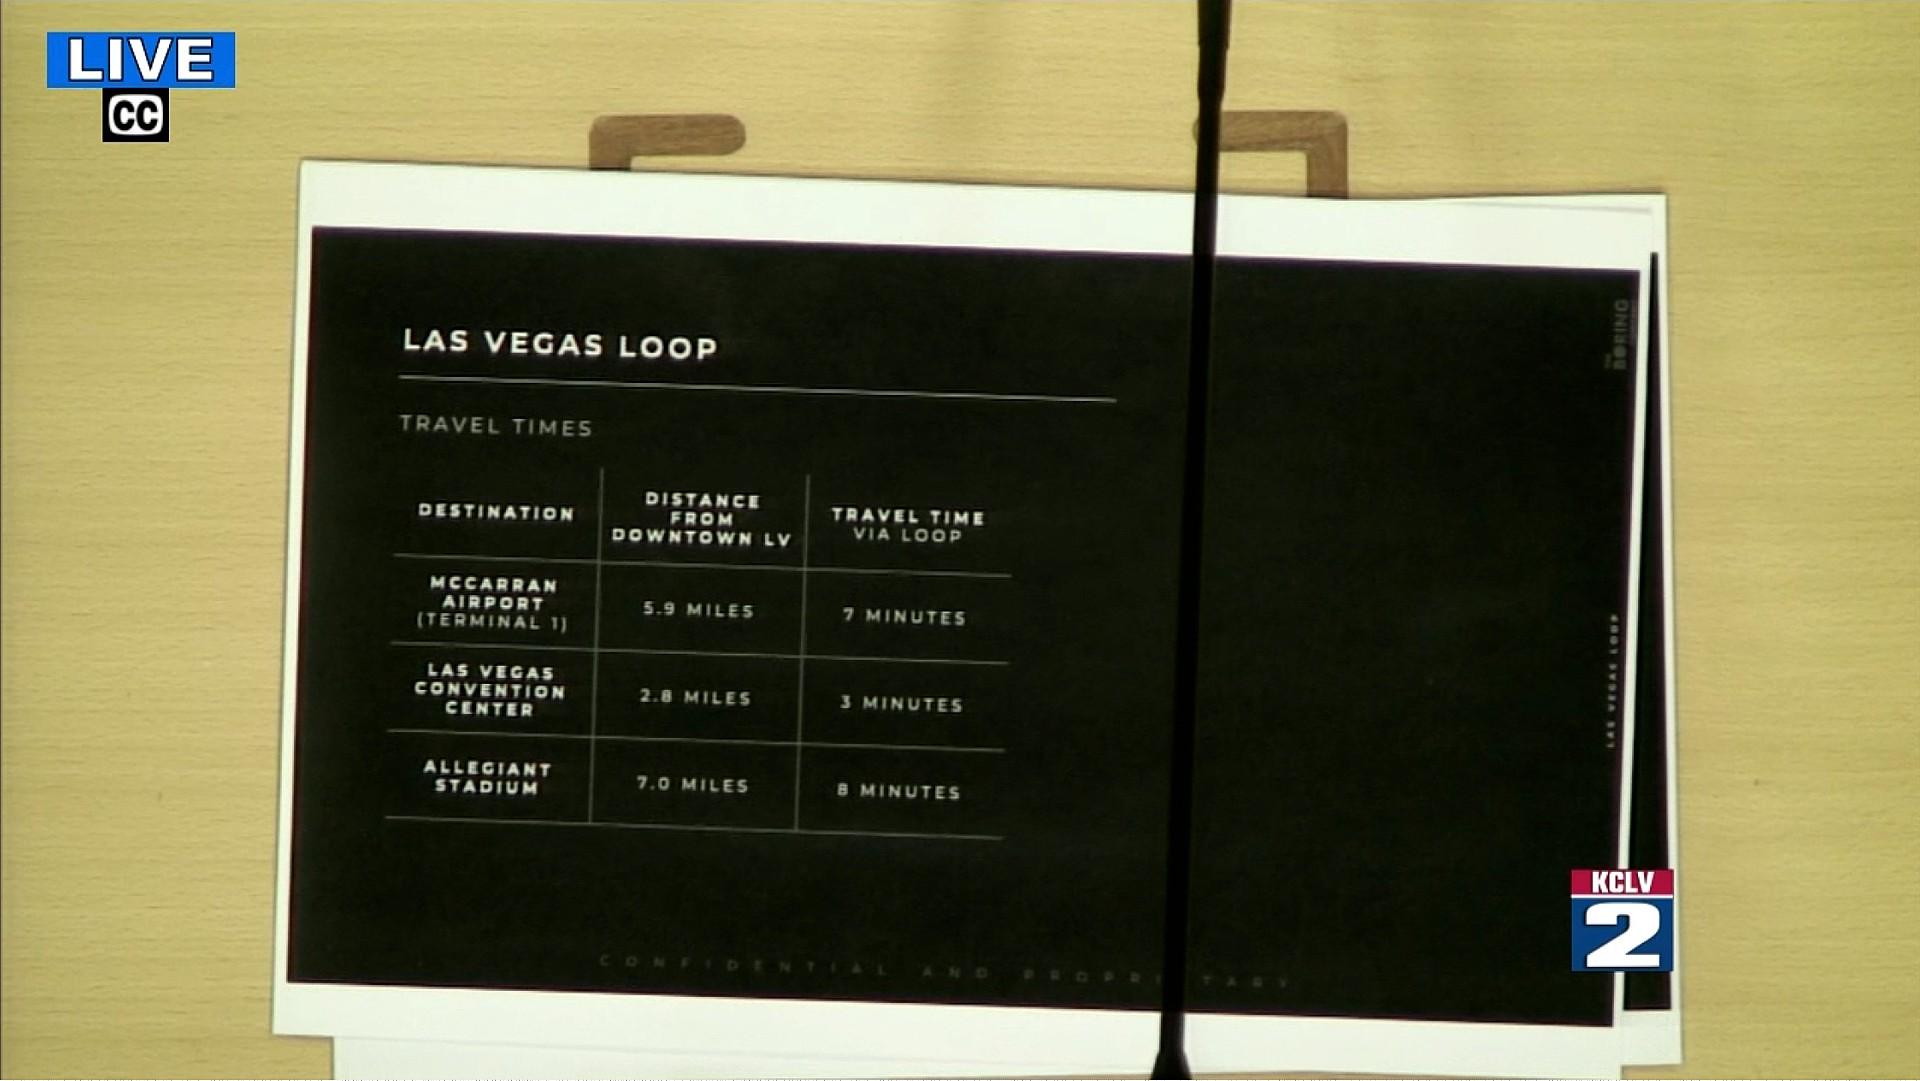 boring-company-las-vegas-loop-presentation-1